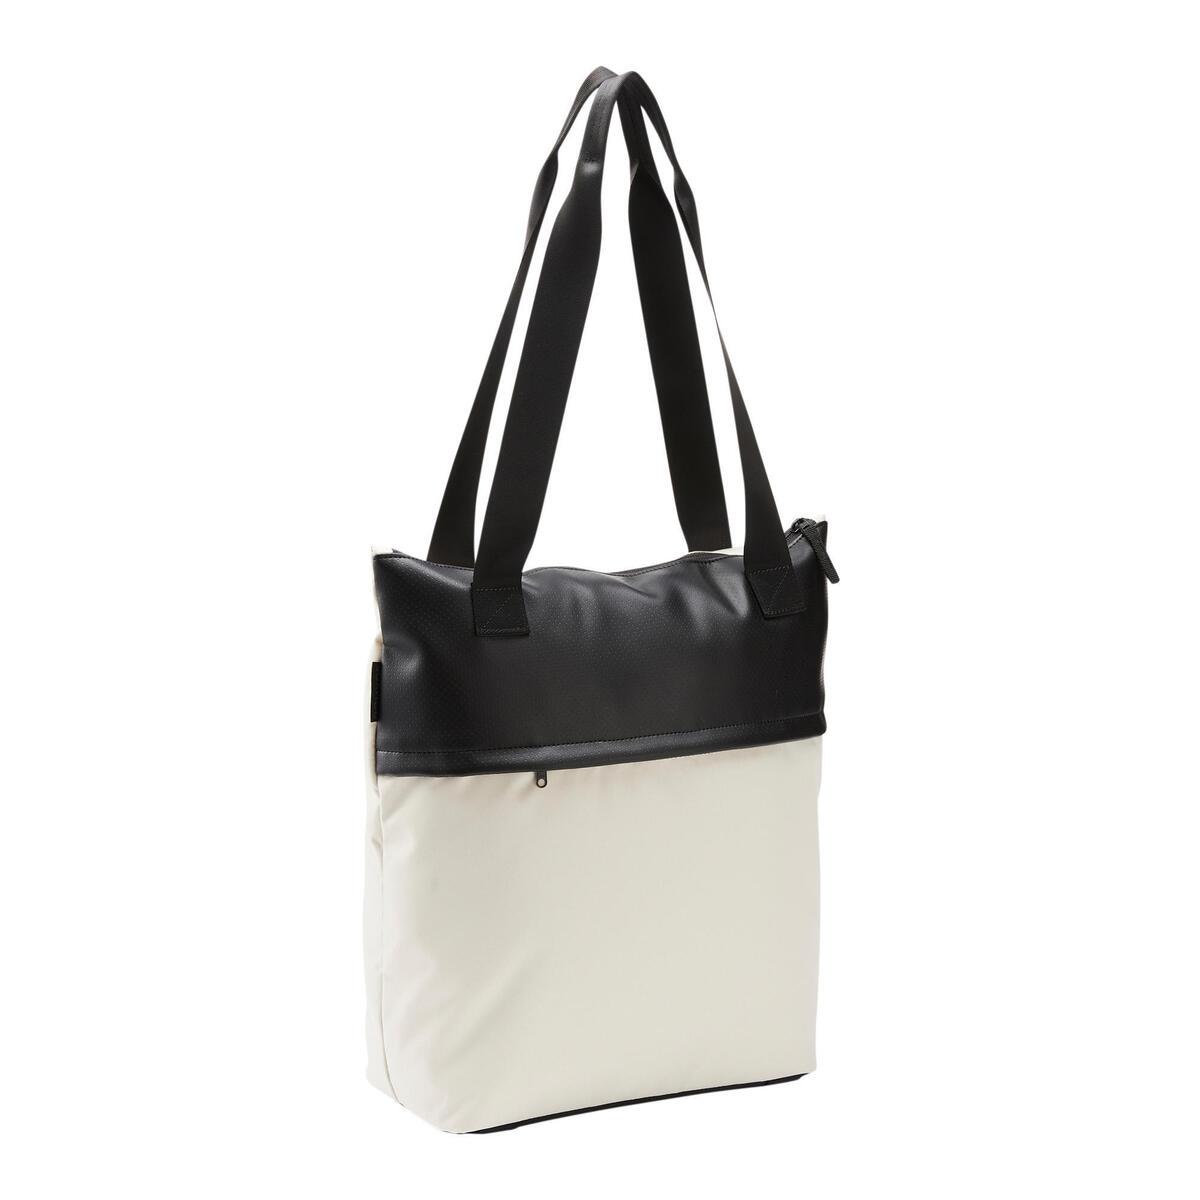 Bild 2 von Sporttasche Tote Bag 20L beige